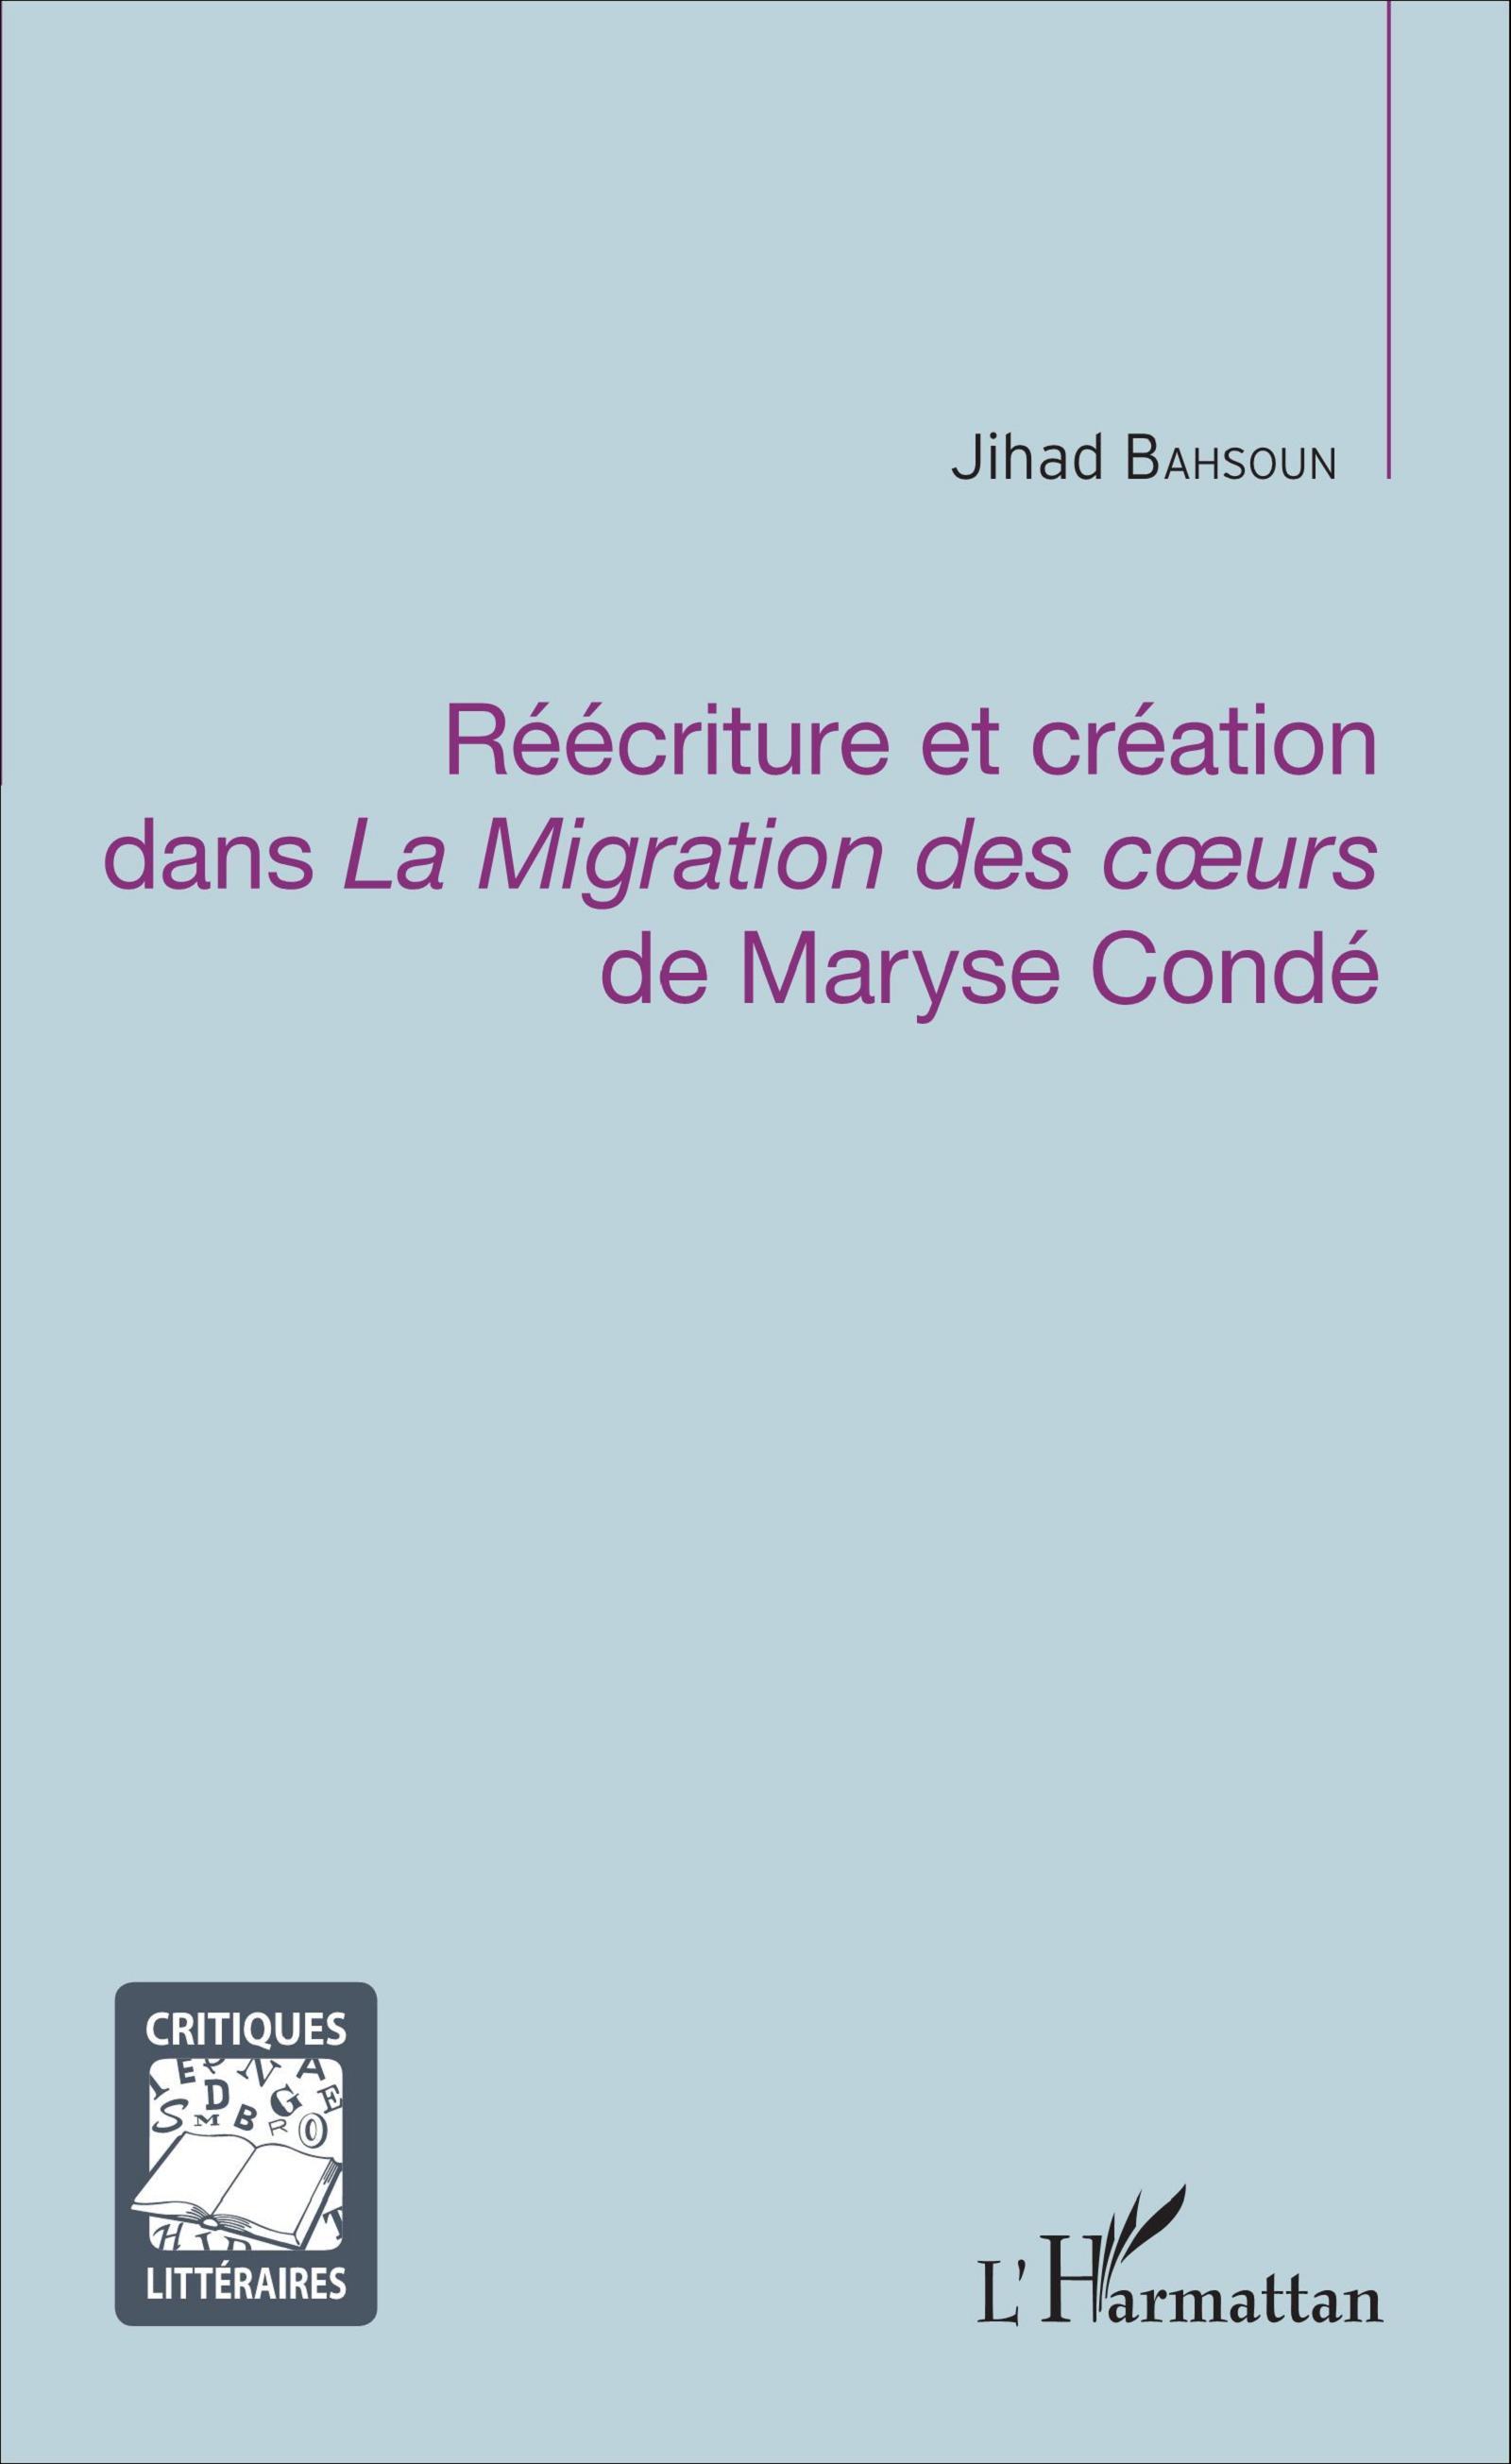 J. Bahsoun, Réécriture et création dans La Migration des cœurs de Maryse Condé